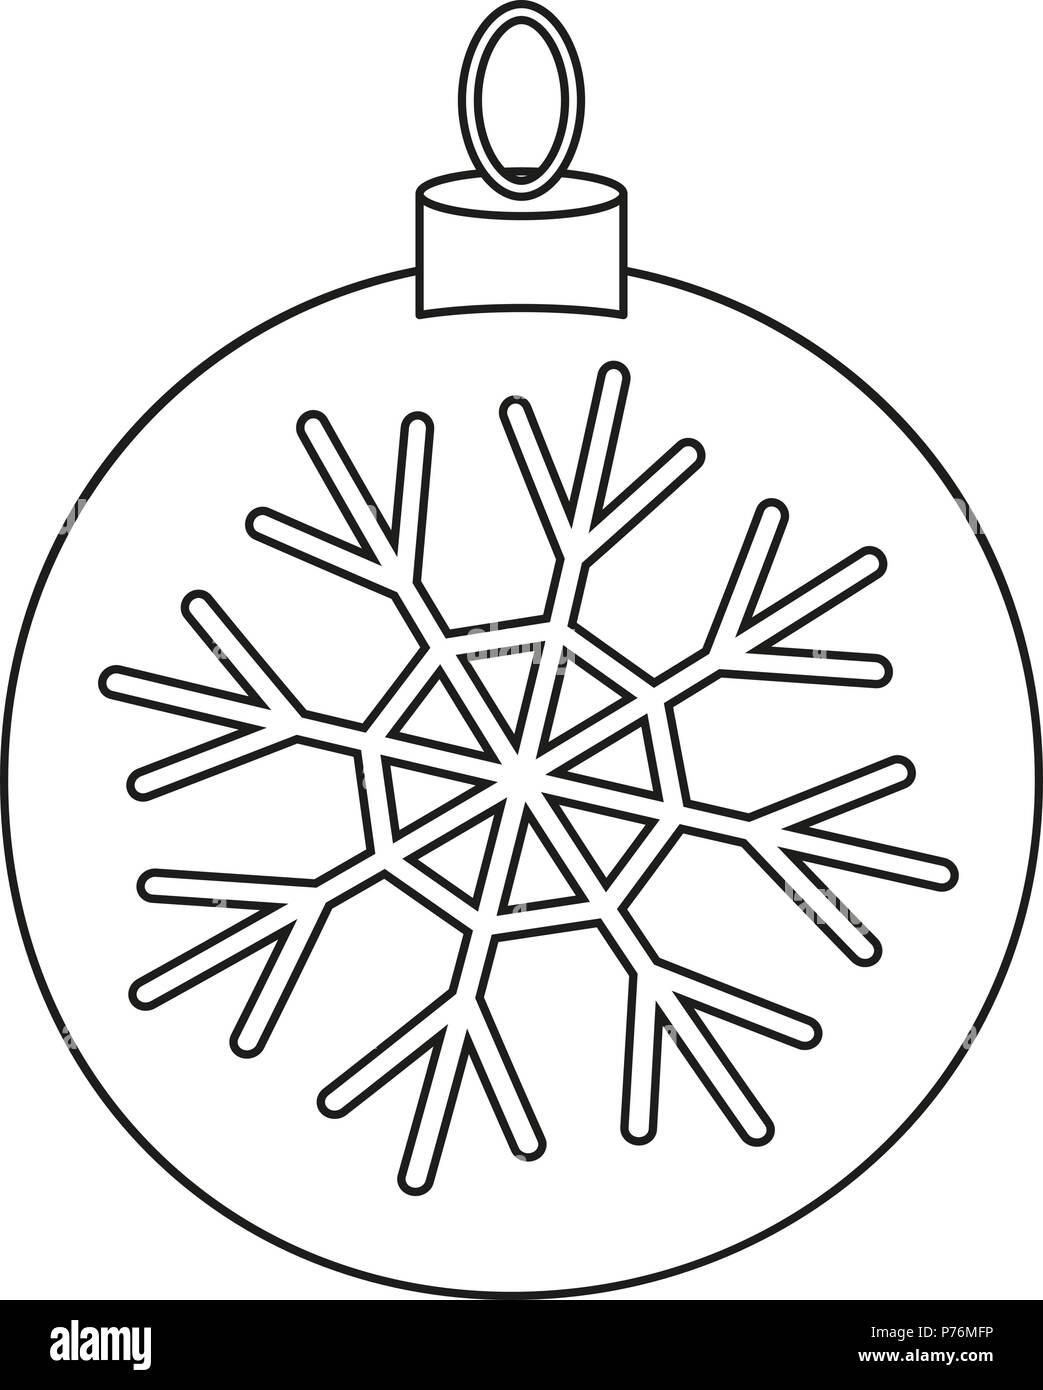 Les Dessins Au Trait Noir Et Blanc Boule De Noël Vecteurs Et